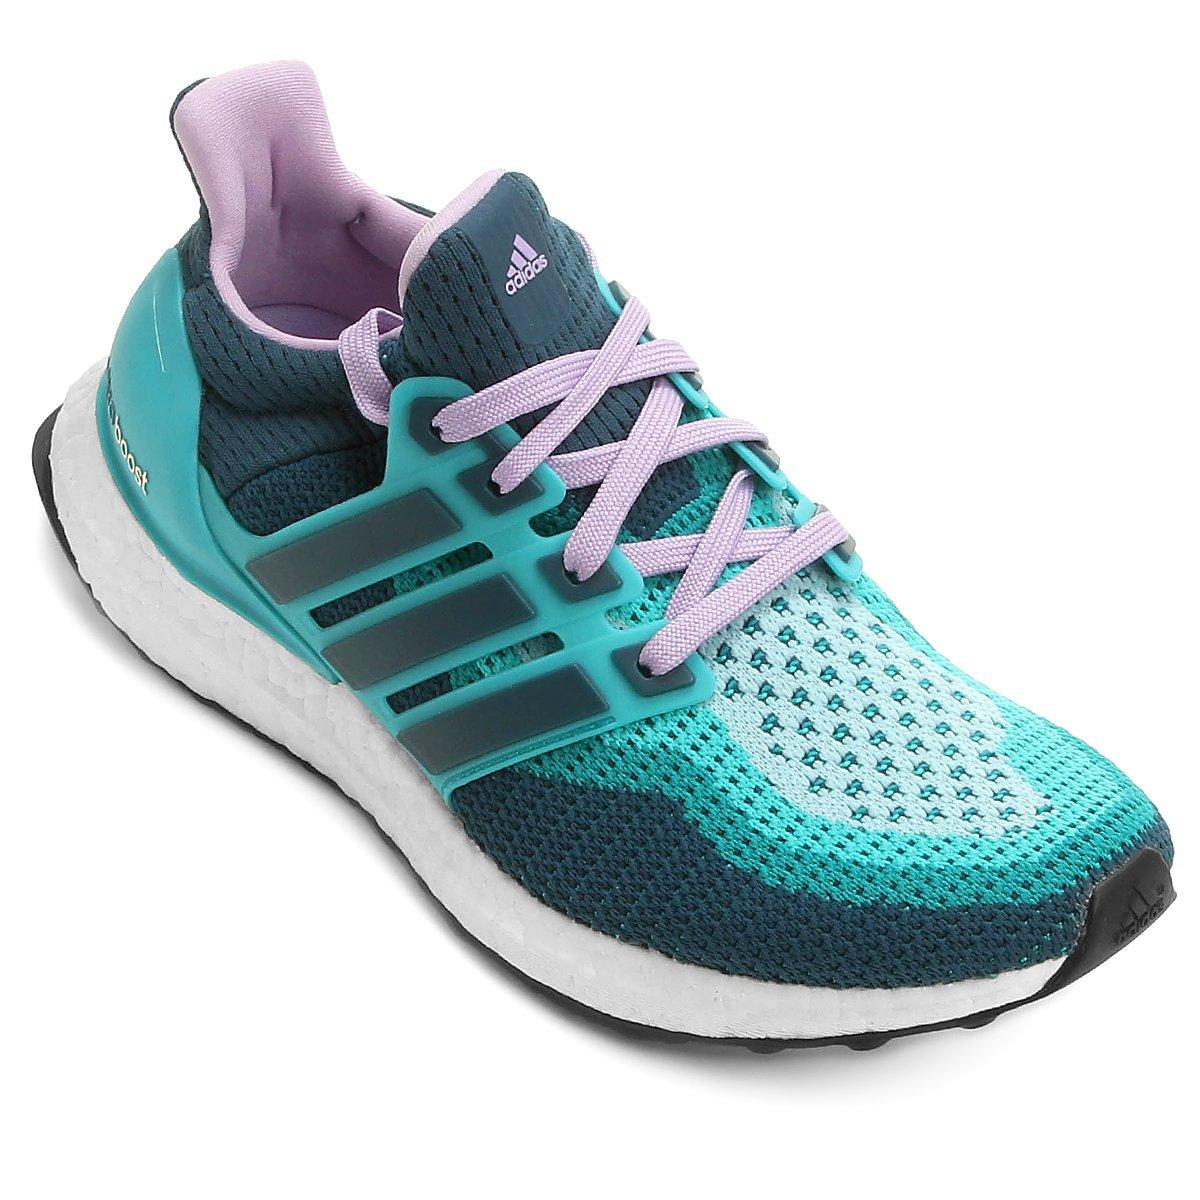 a0c8982d97 Tênis Adidas Ultra Boost Feminino - Compre Agora